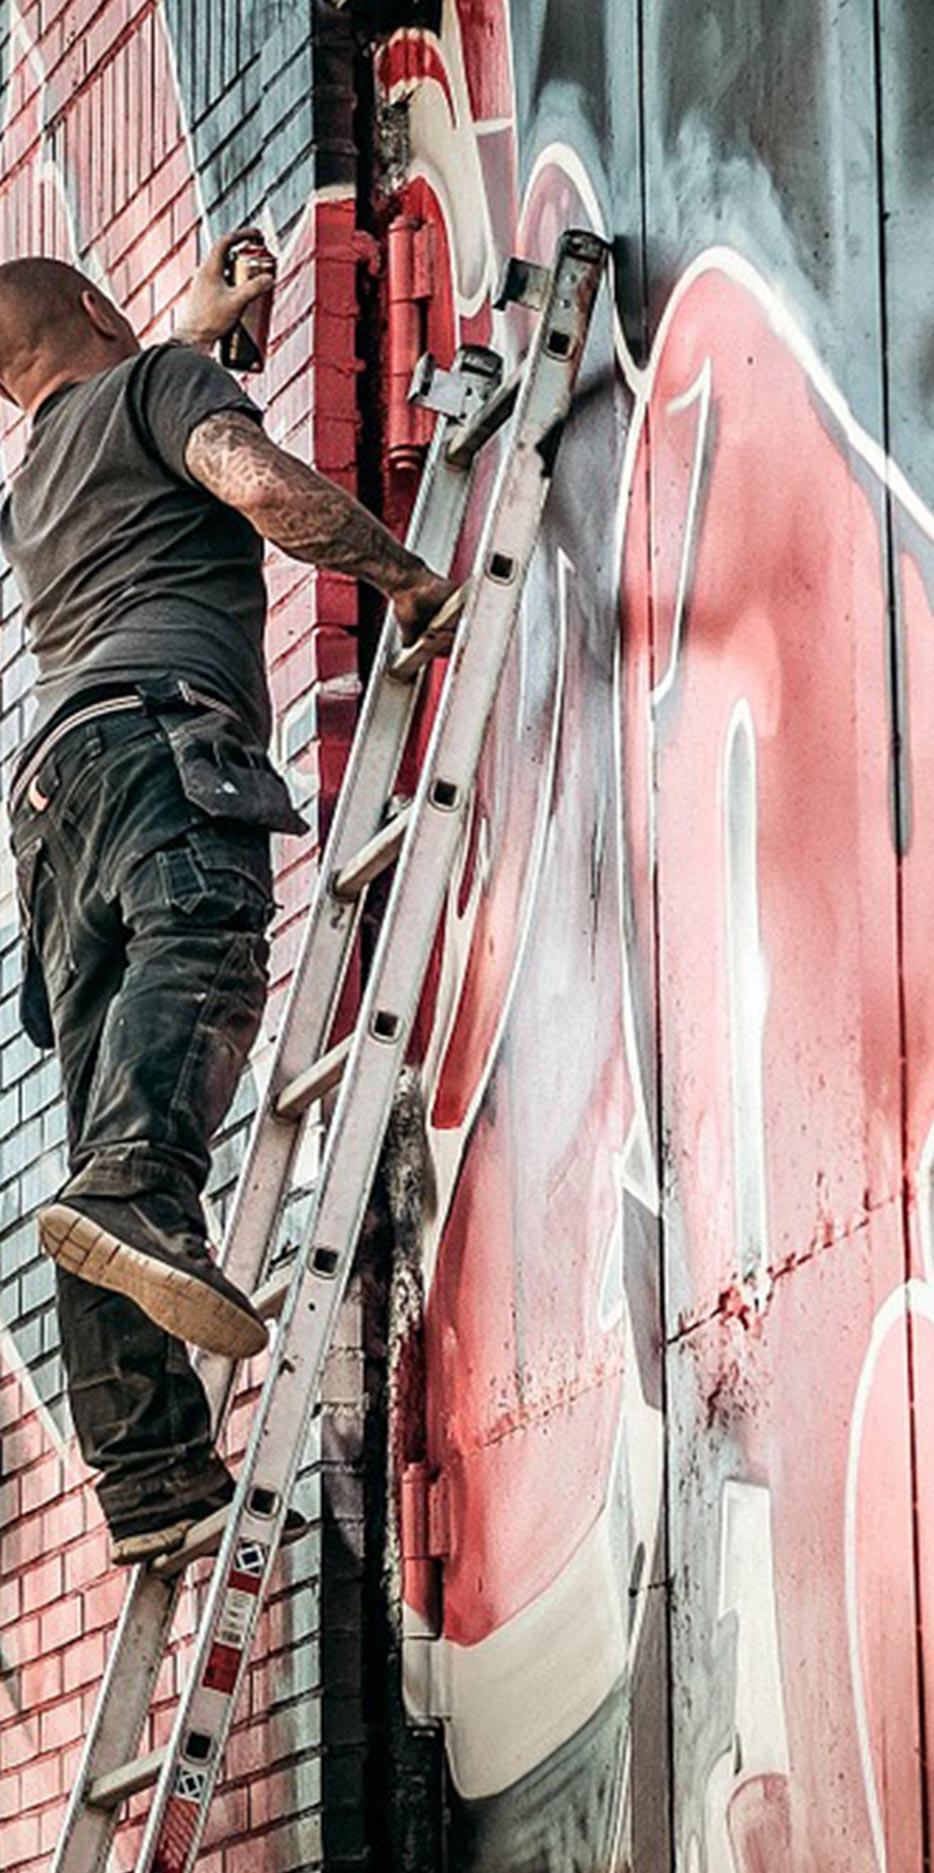 Graffiti Shield protection film